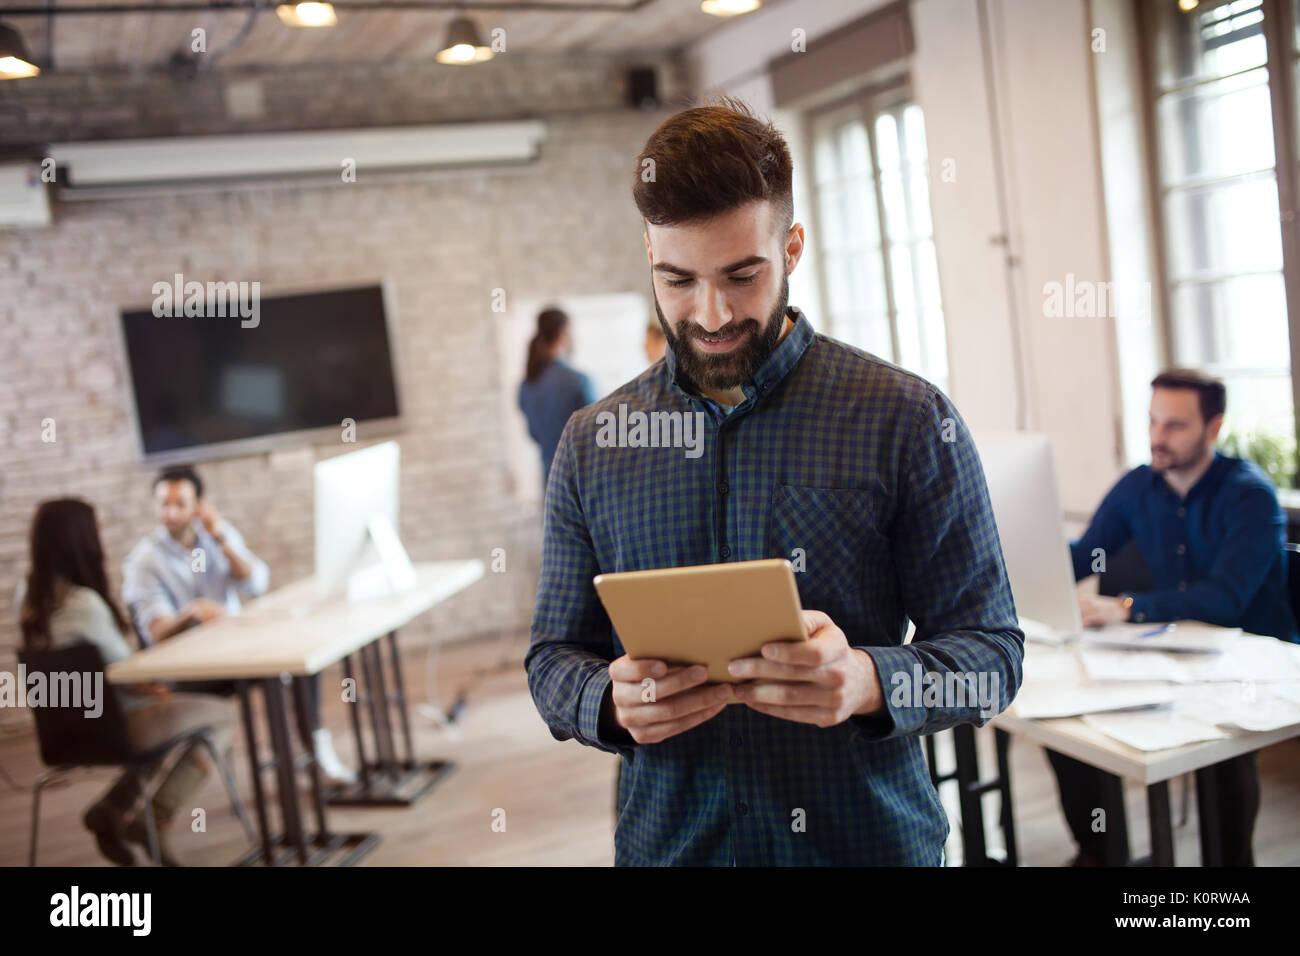 Retrato de joven macho guapo diseñador utilizando tablet Imagen De Stock